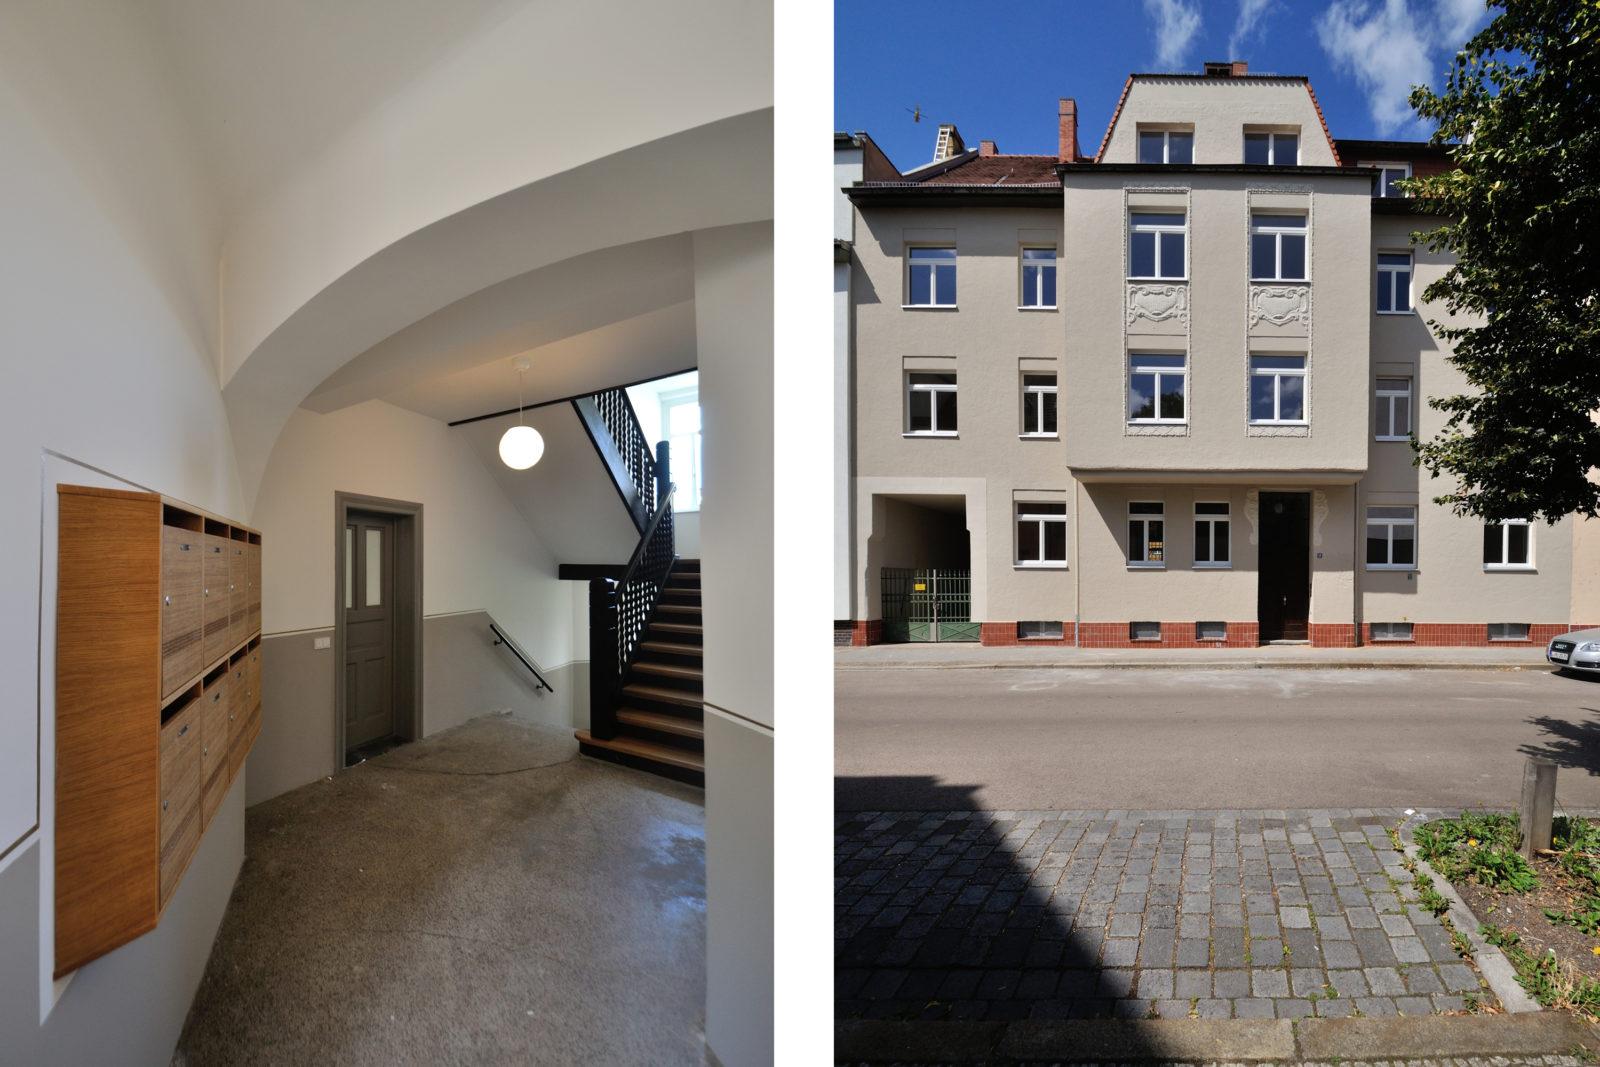 Umbau und Sanierung Mehrfamilienhaus in Leipizg, Plagwitz - Eingangsbereich Innen und Außen